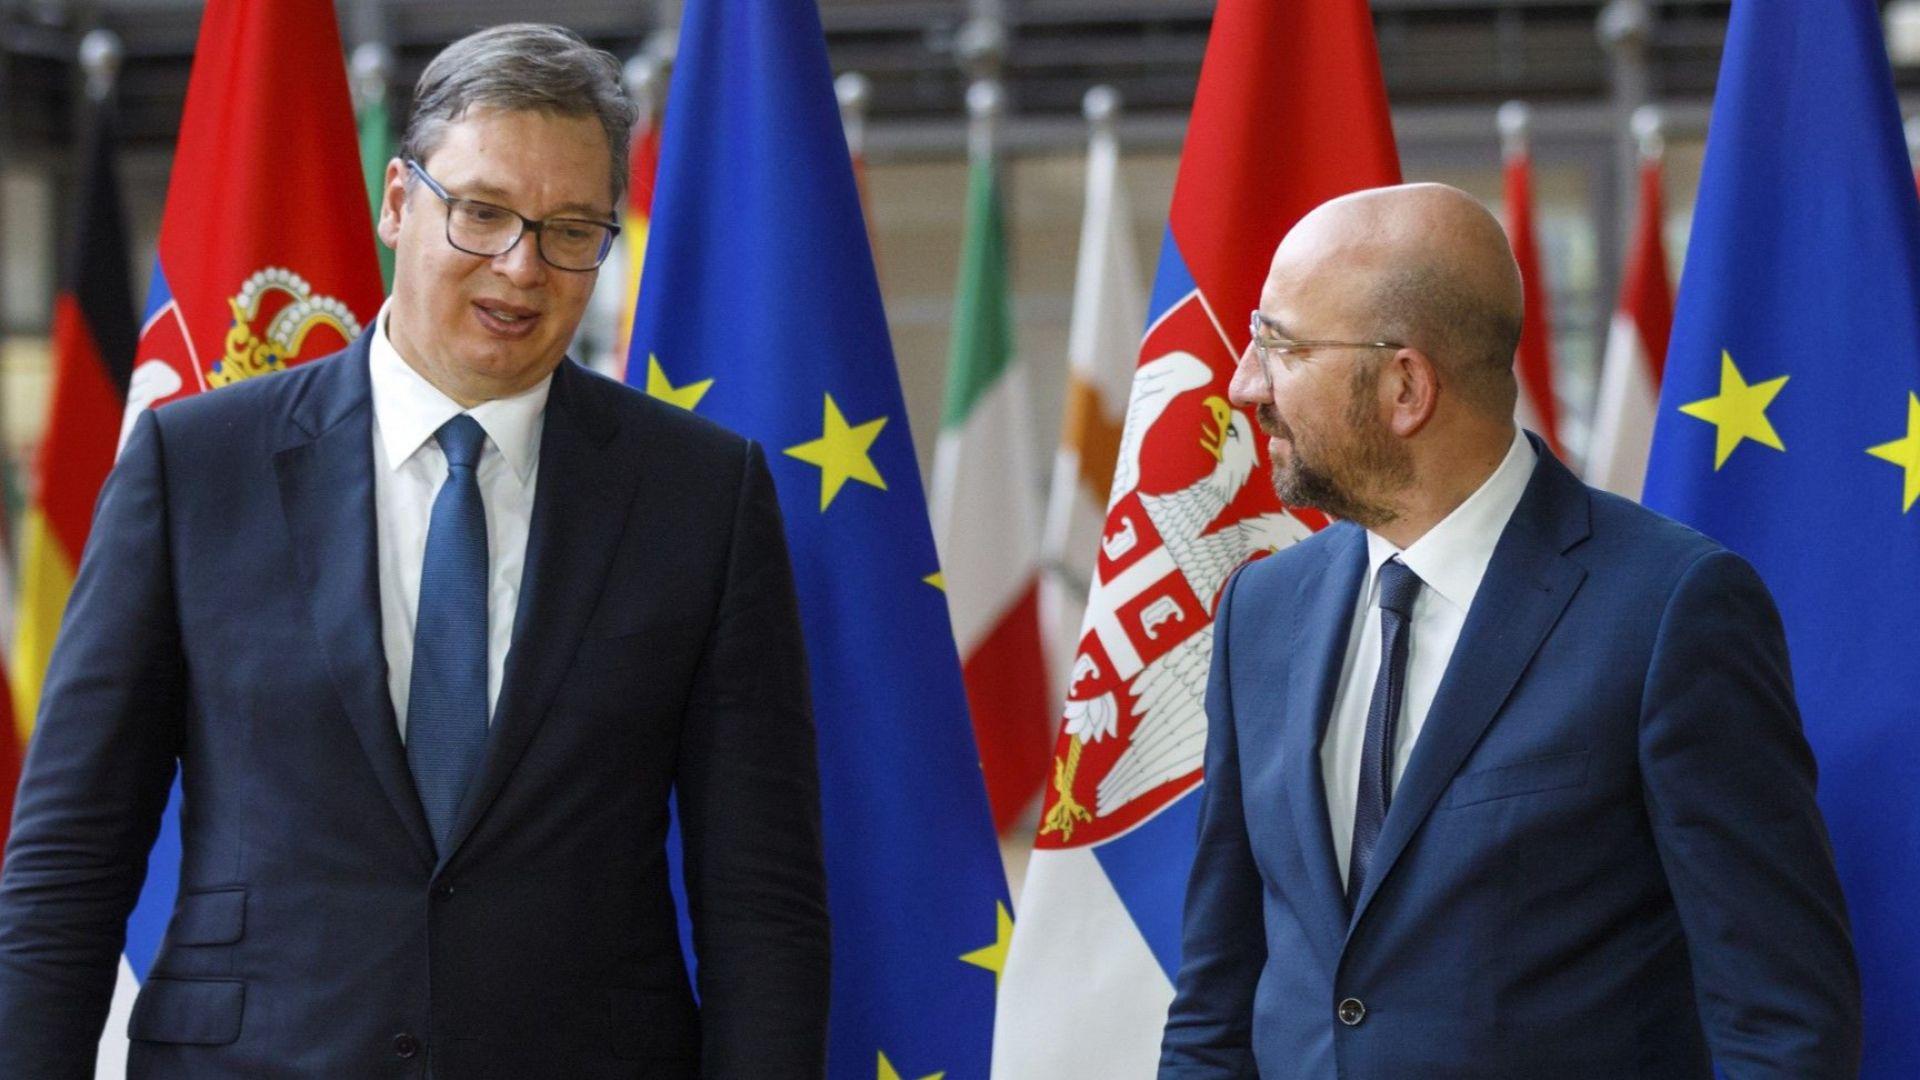 Сърбия и Косово: Свободен поток на стоки, капитали, хора